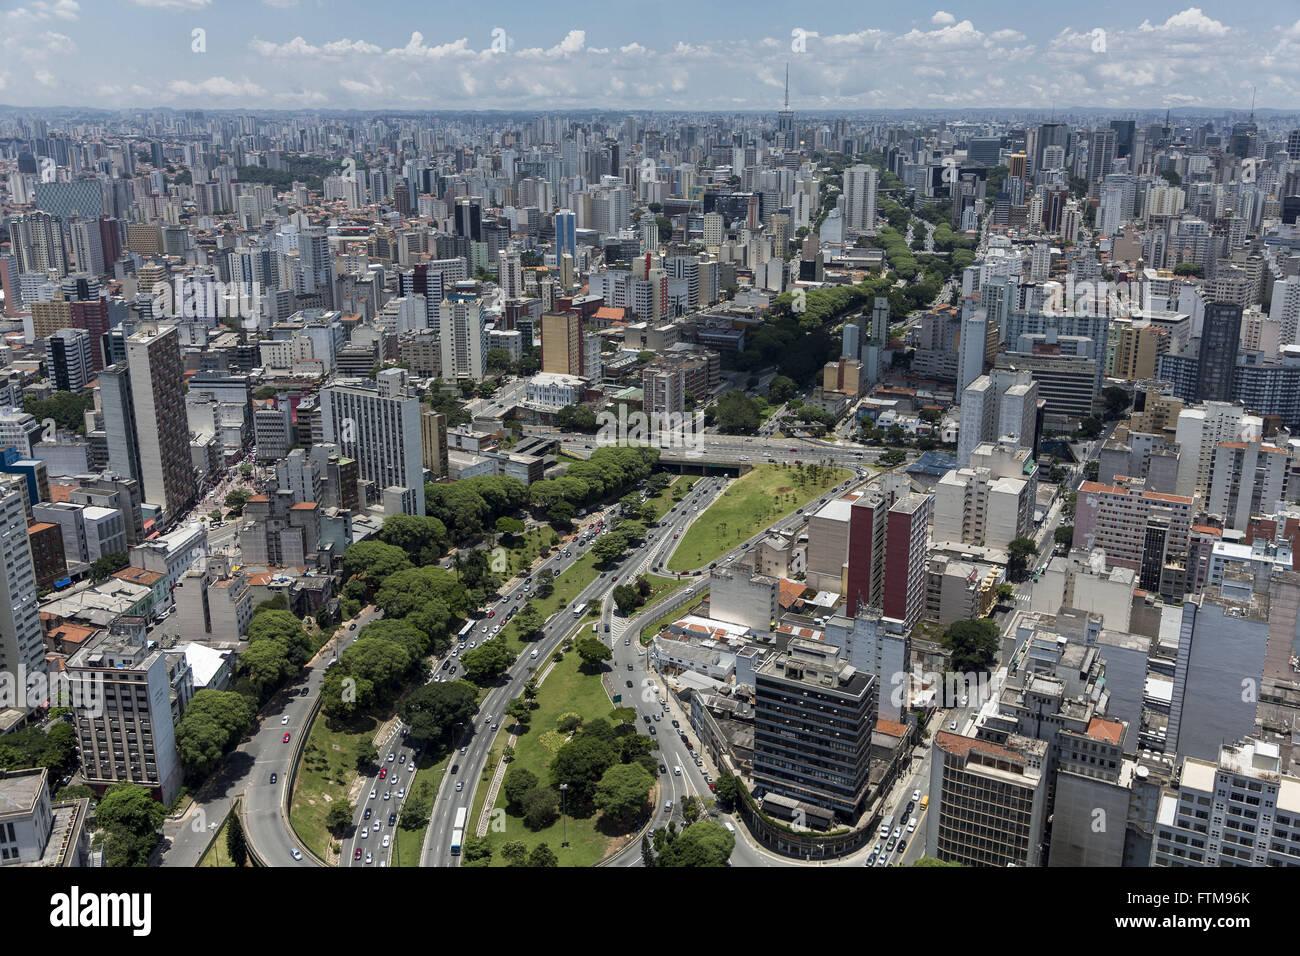 Aerial view of the city center - beginning of Avenida 23 de Maio - Stock Image